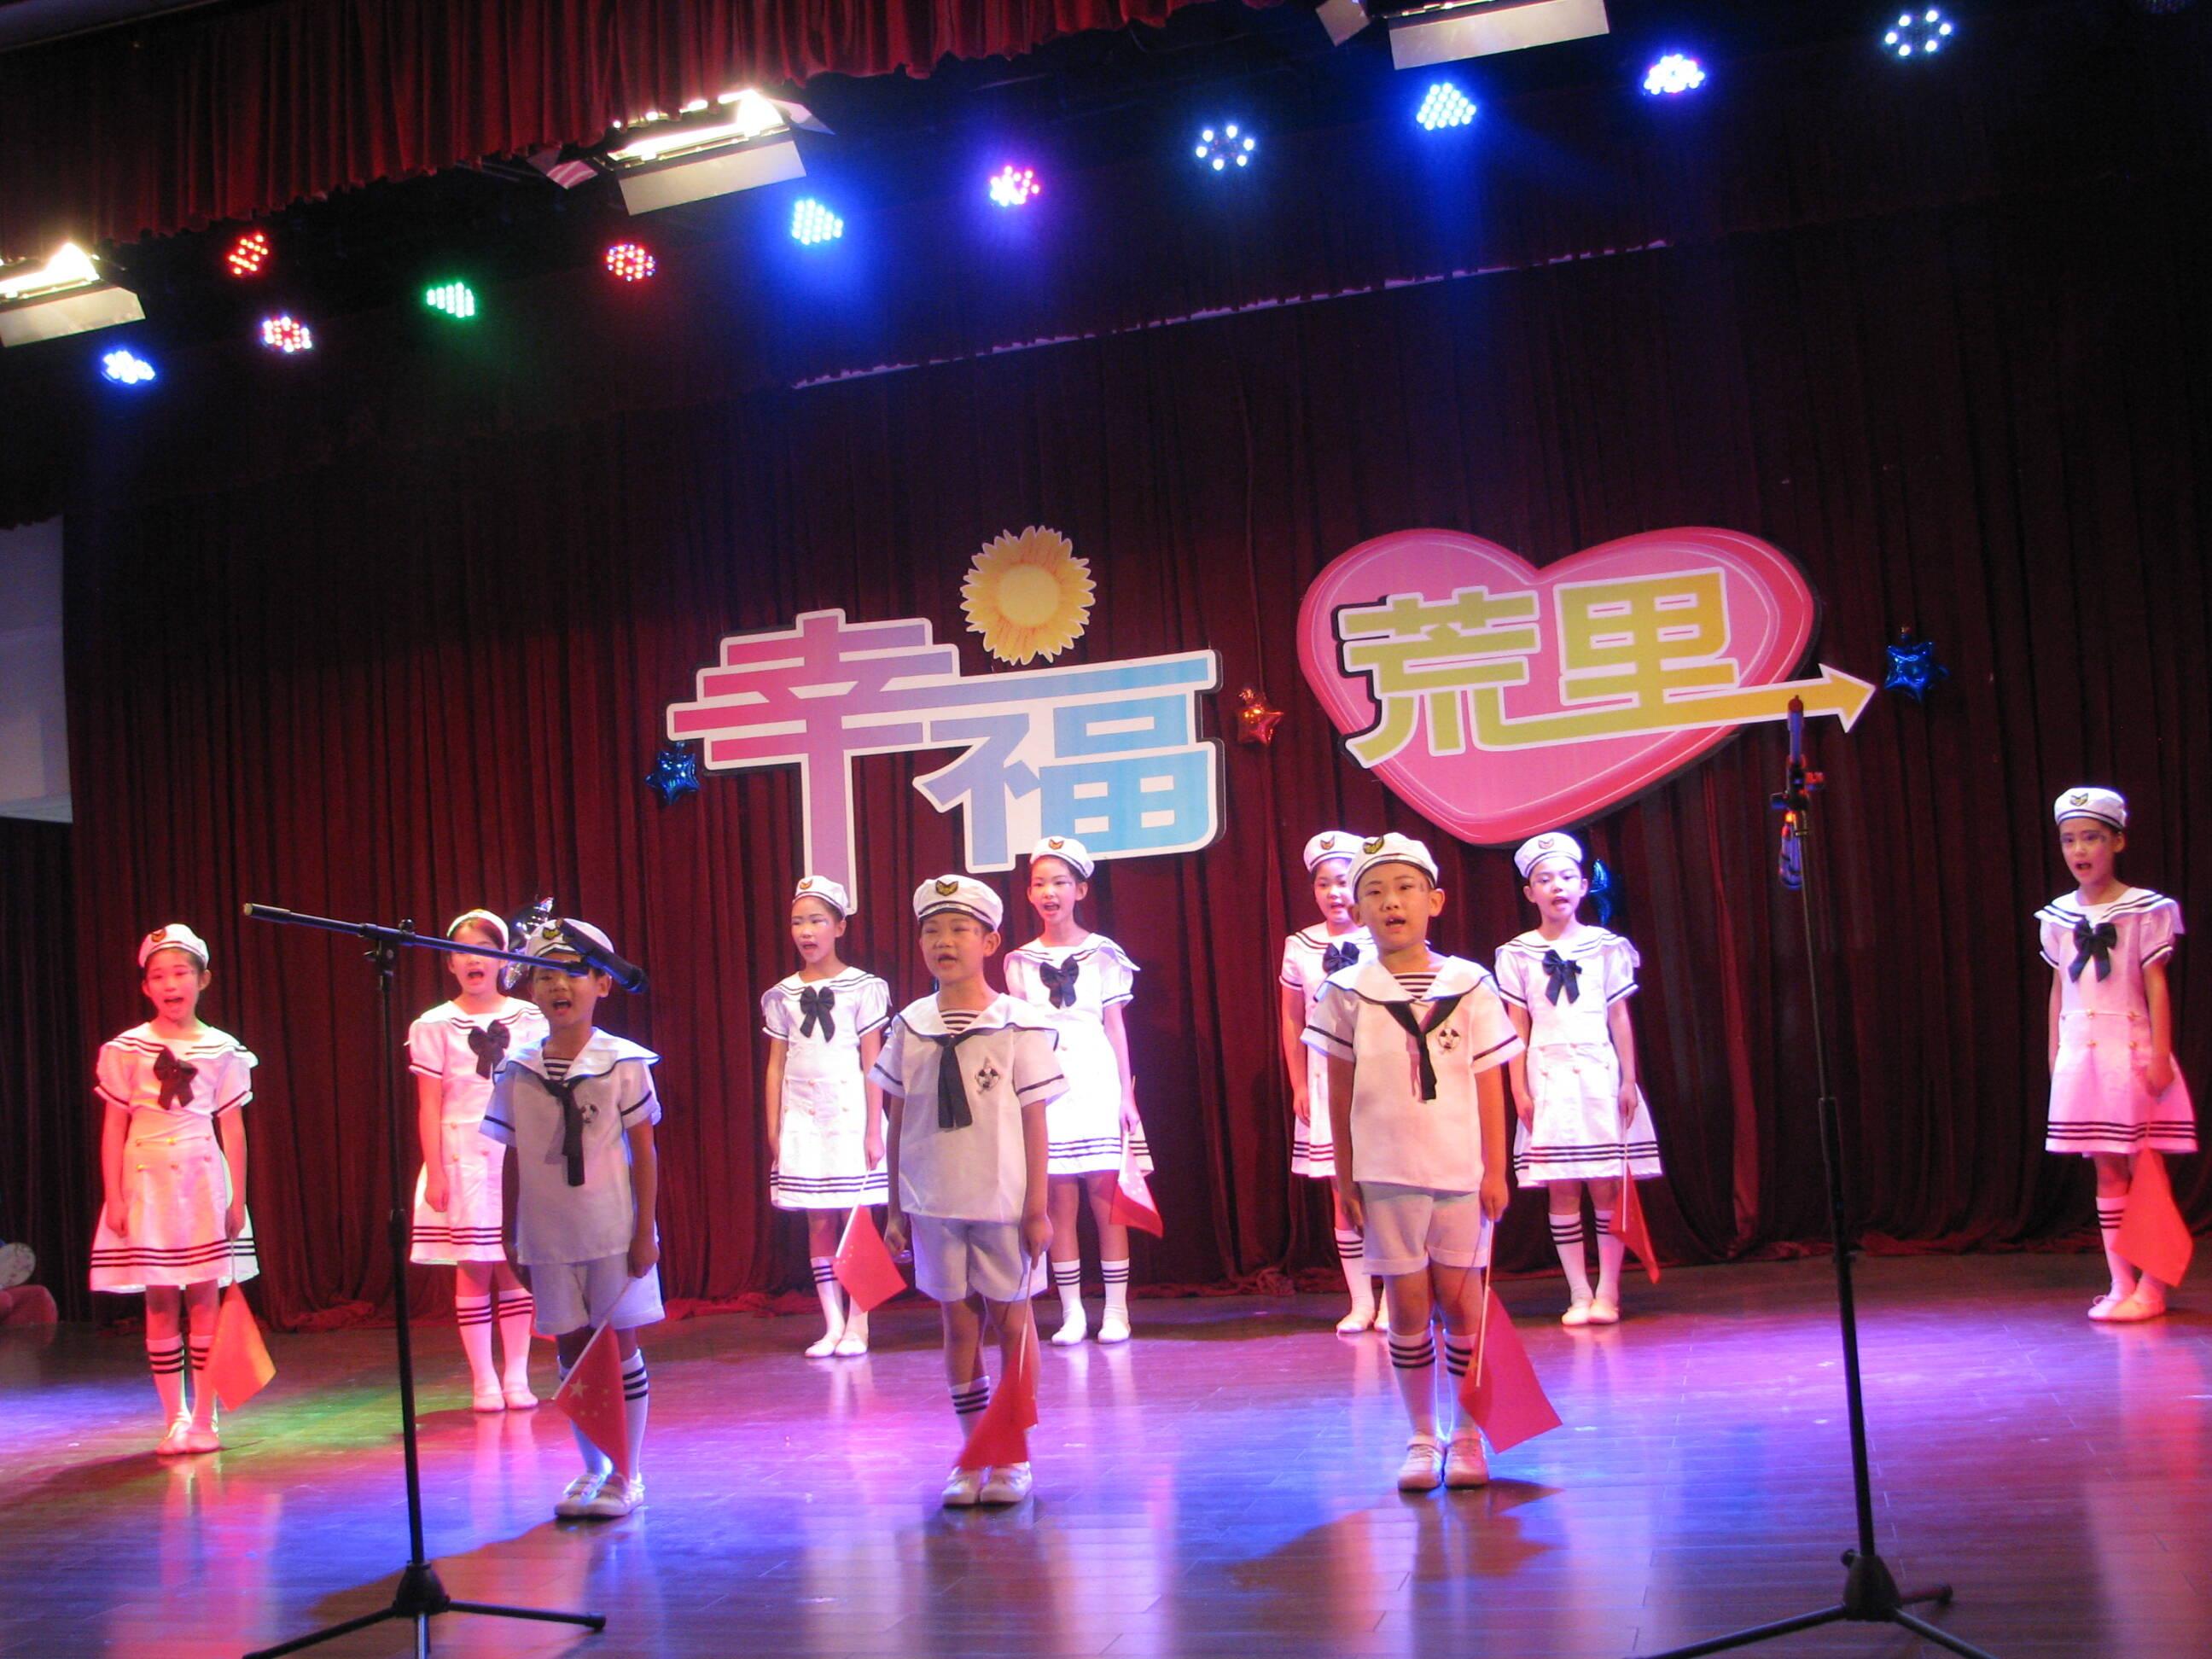 荒里社区青少年暑期校外教育结业典礼。